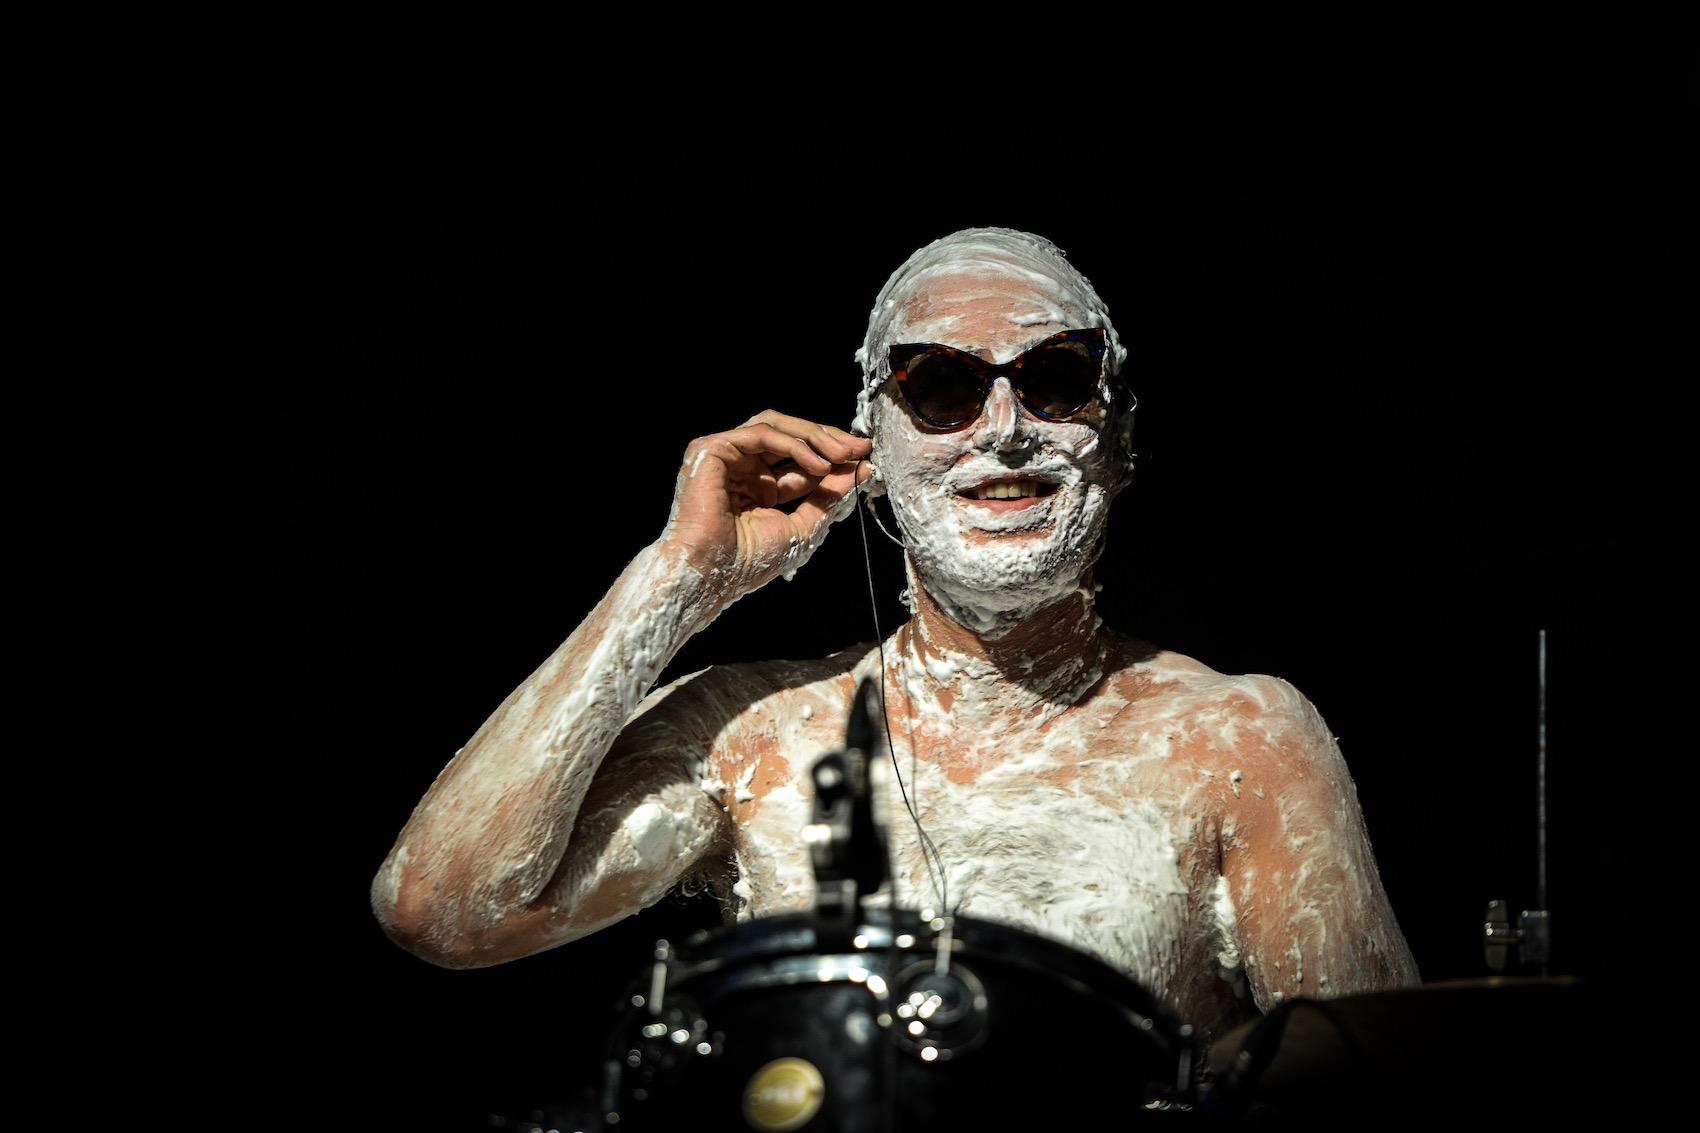 Was der Drummer im Gesicht hat, blieb sein Geheimnis. Wette verloren?